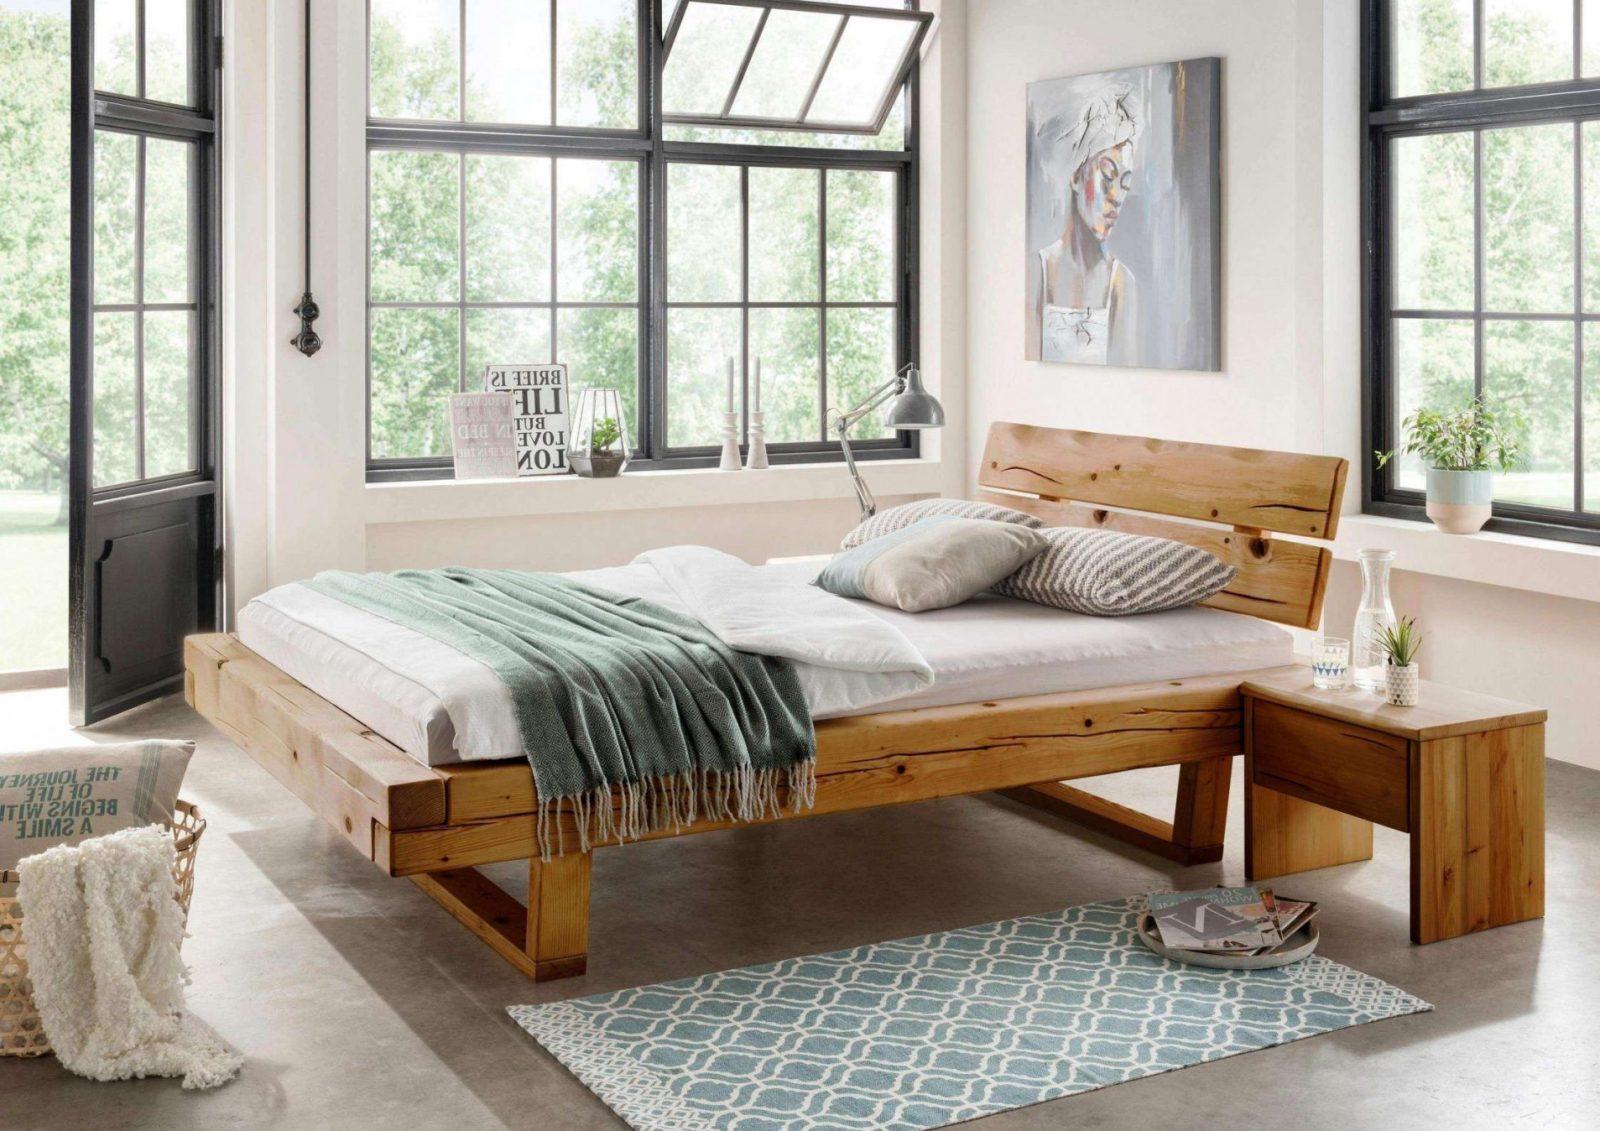 45 Das Beste Von Schlafzimmer Gestalten Ideen von Schlafzimmer Neu Gestalten Ideen Bild